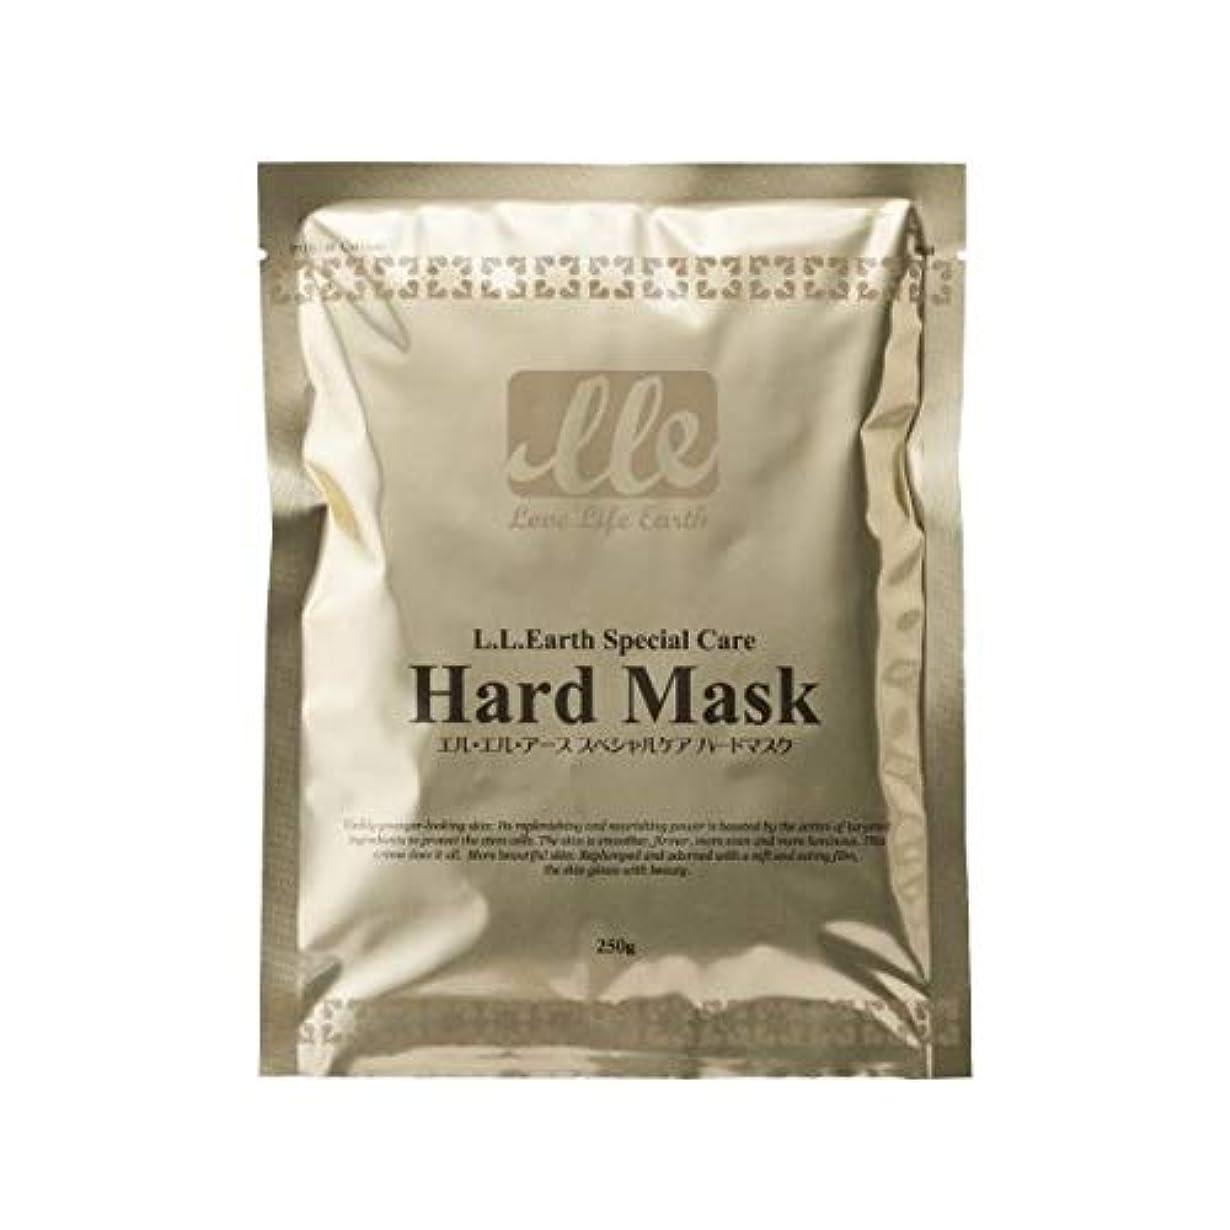 小人エミュレーションびっくりするLLE ハードマスク 業務用 250g×5 石膏パック フェイスパック パック エステ用品